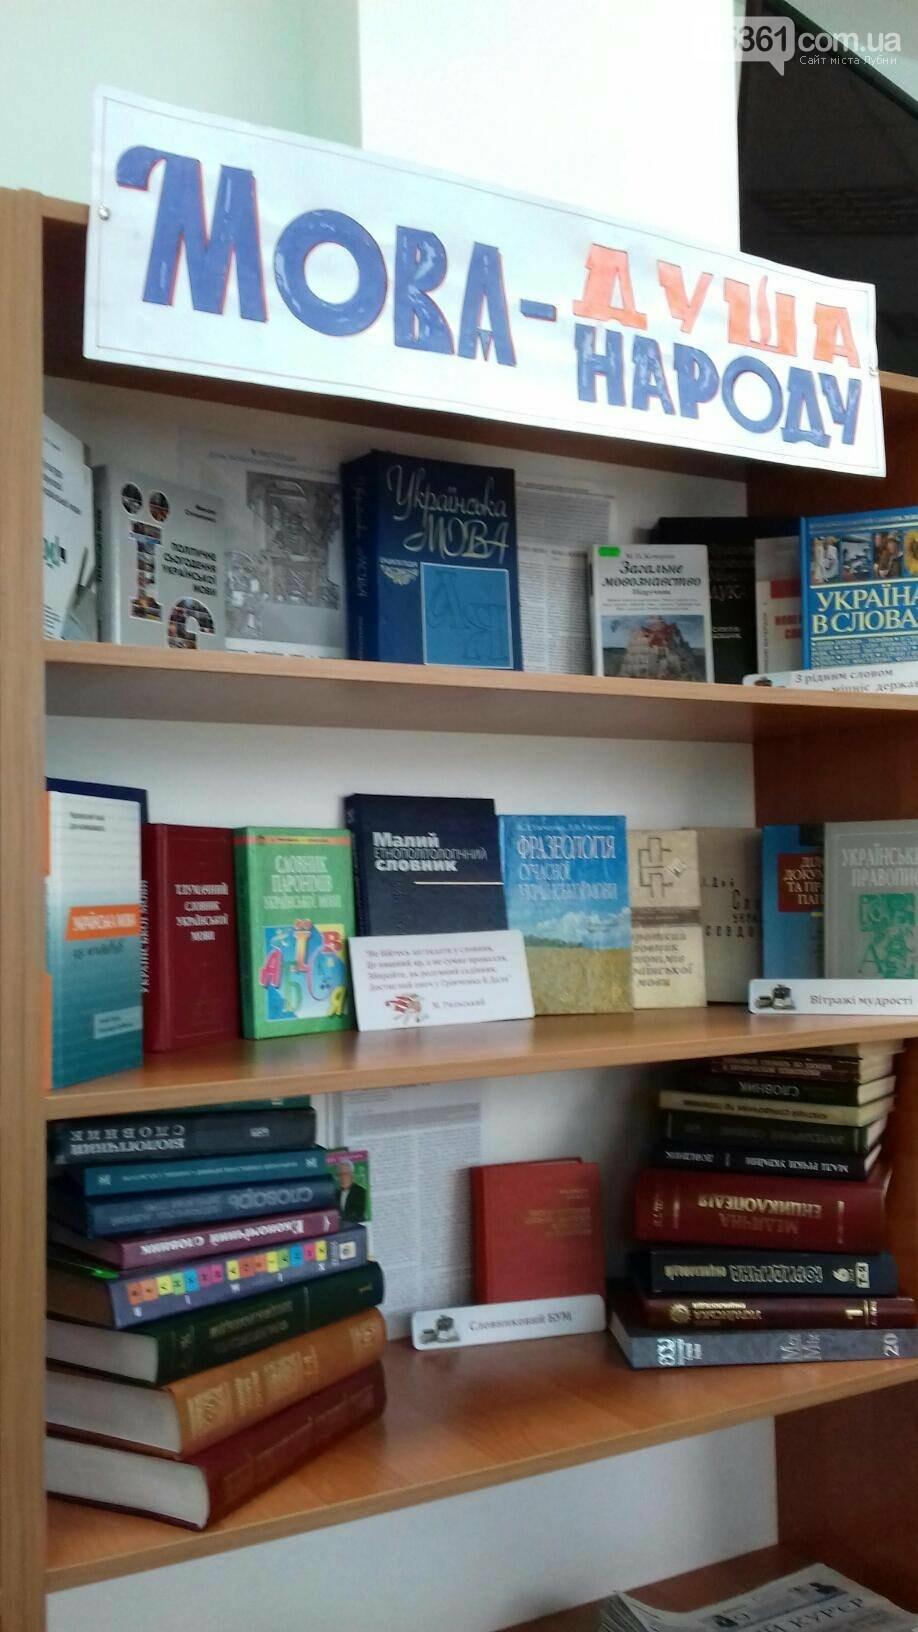 """""""Не бійтесь заглядати у словник"""" - закликає лубенська бібліотека , фото-3"""